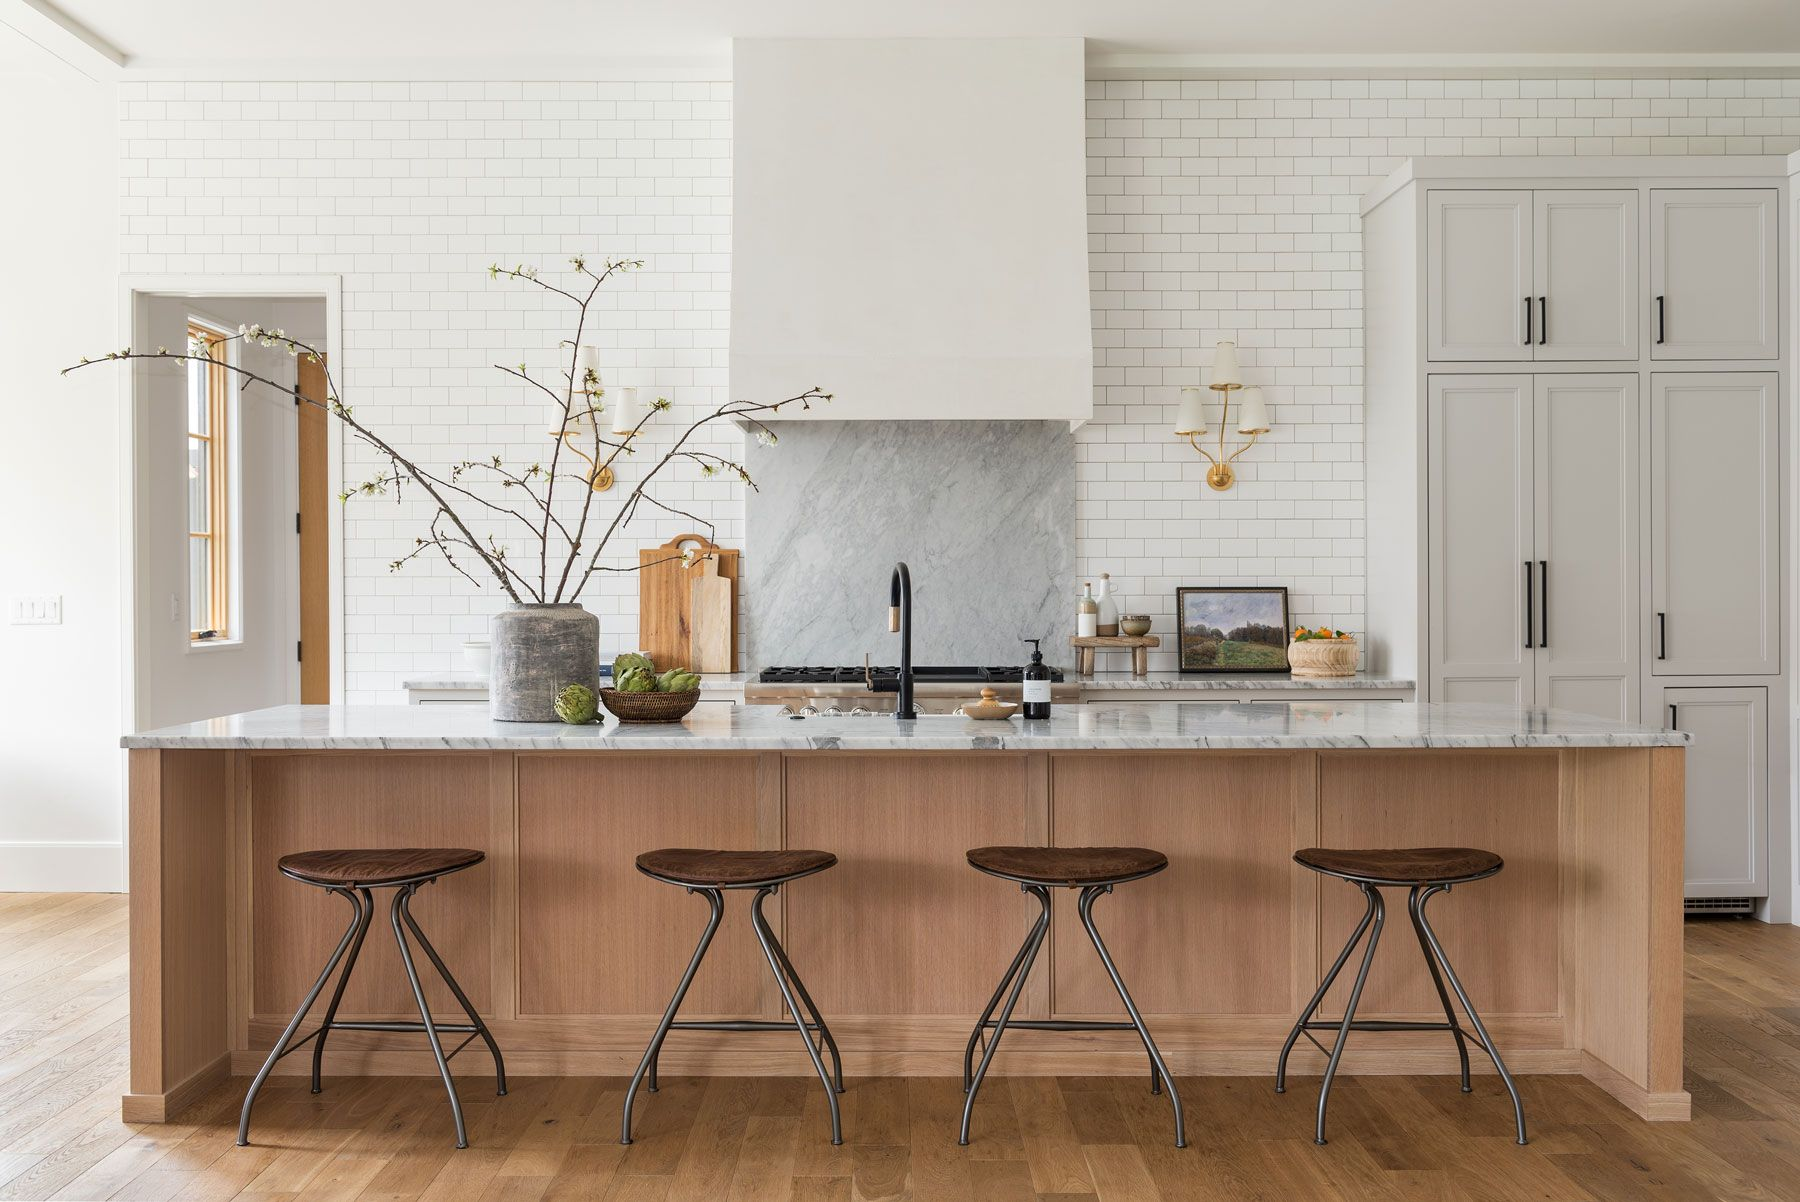 STUDIO MCGEE Kitchen design, Kitchen inspirations, Home